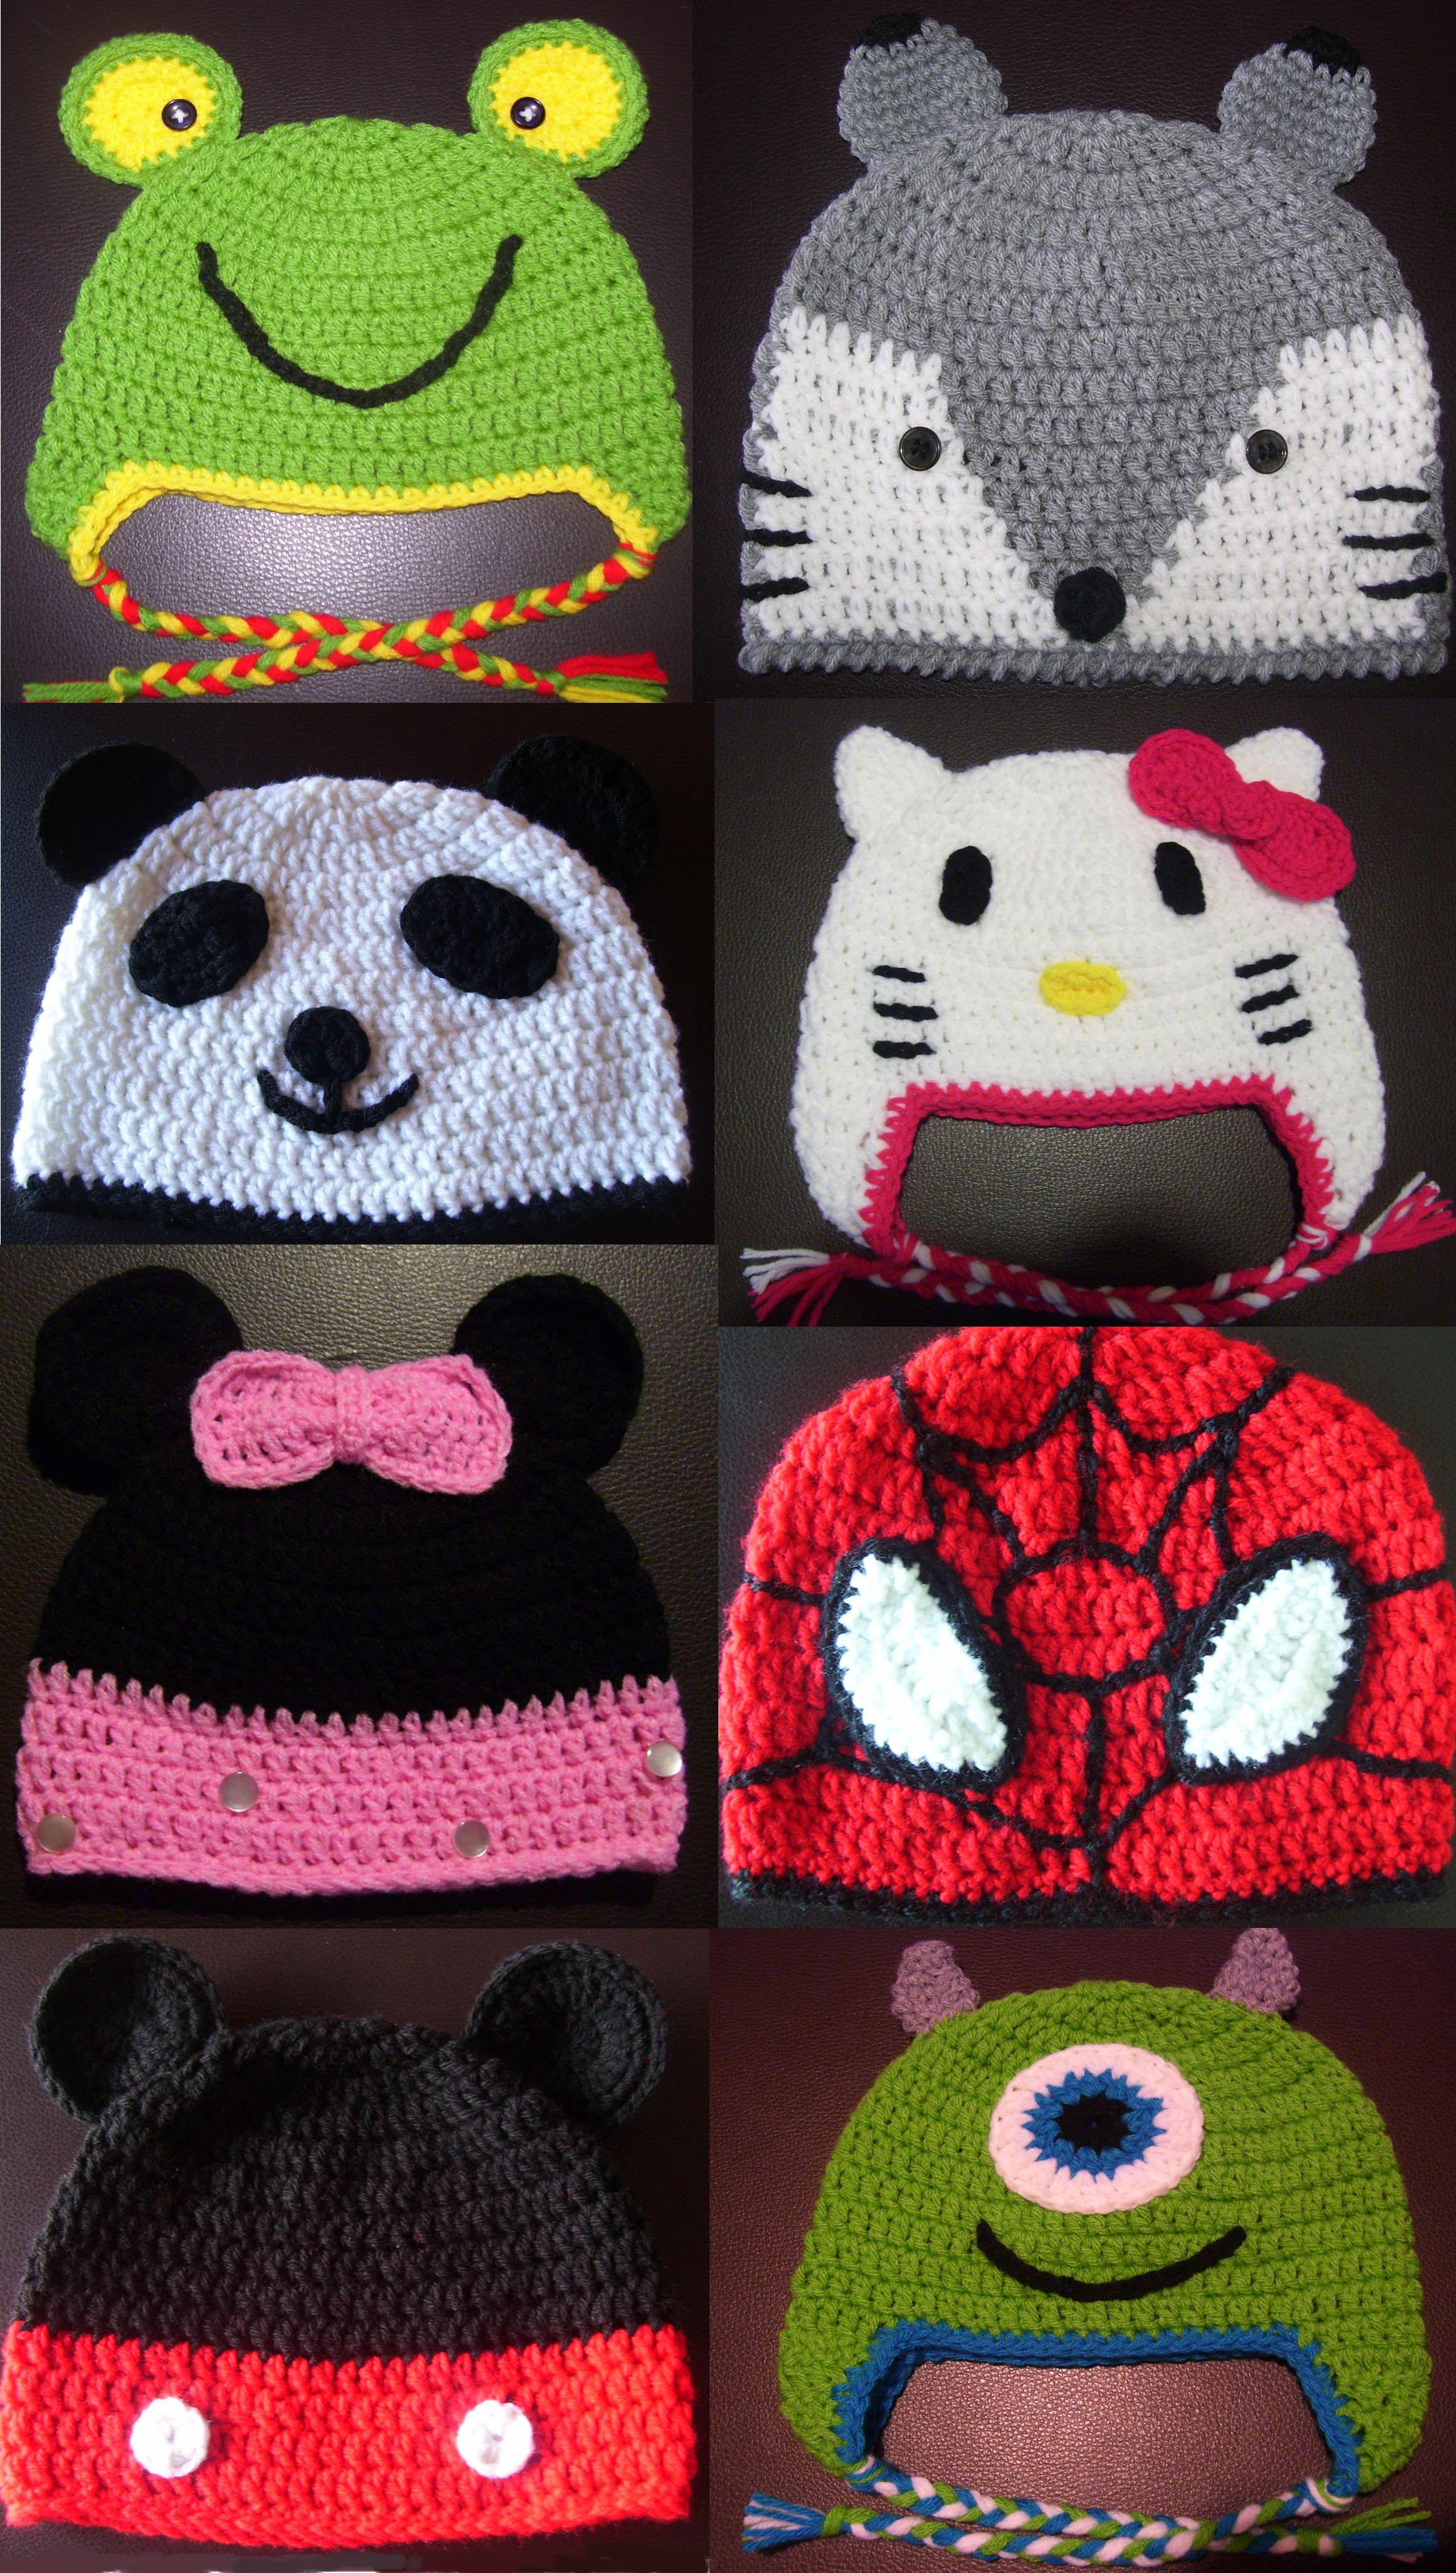 Gorros a crochet para bebés, niños y adolescentes | gorros ...